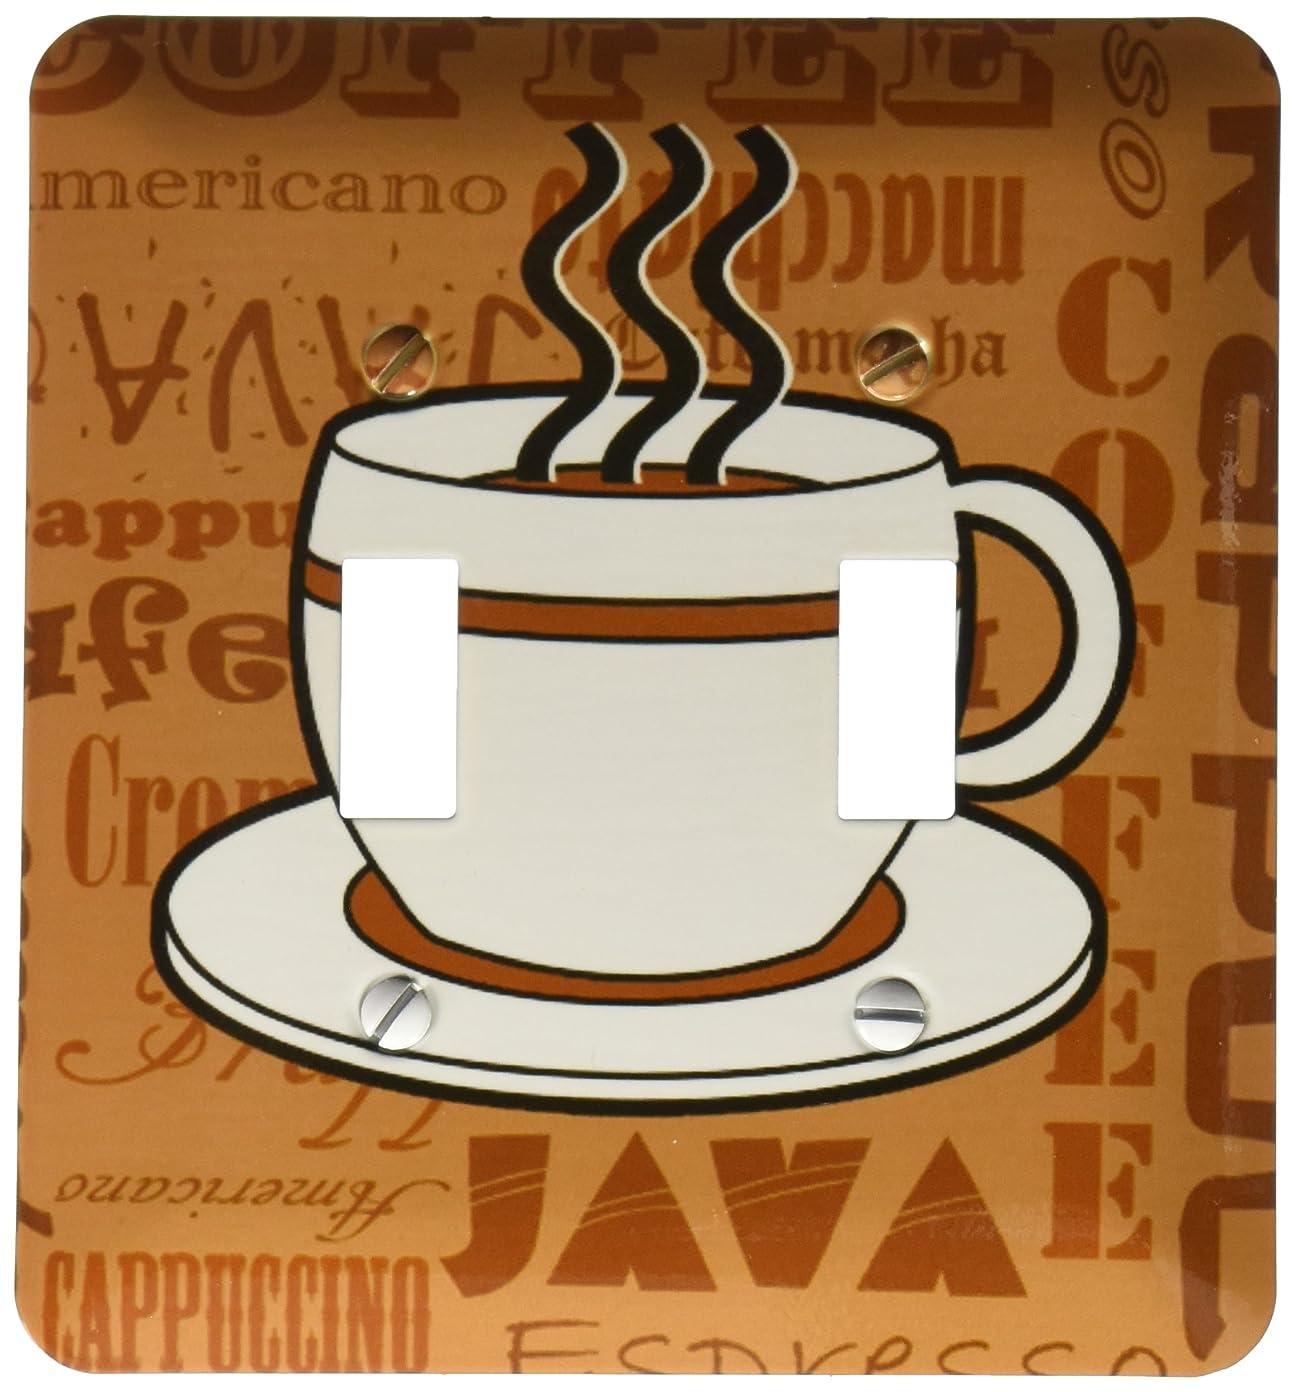 出力破裂代わりに3drose LSP 58641?_ 2コーヒー好きギフトコーヒー単語印刷ブラウンライトスイッチカバー